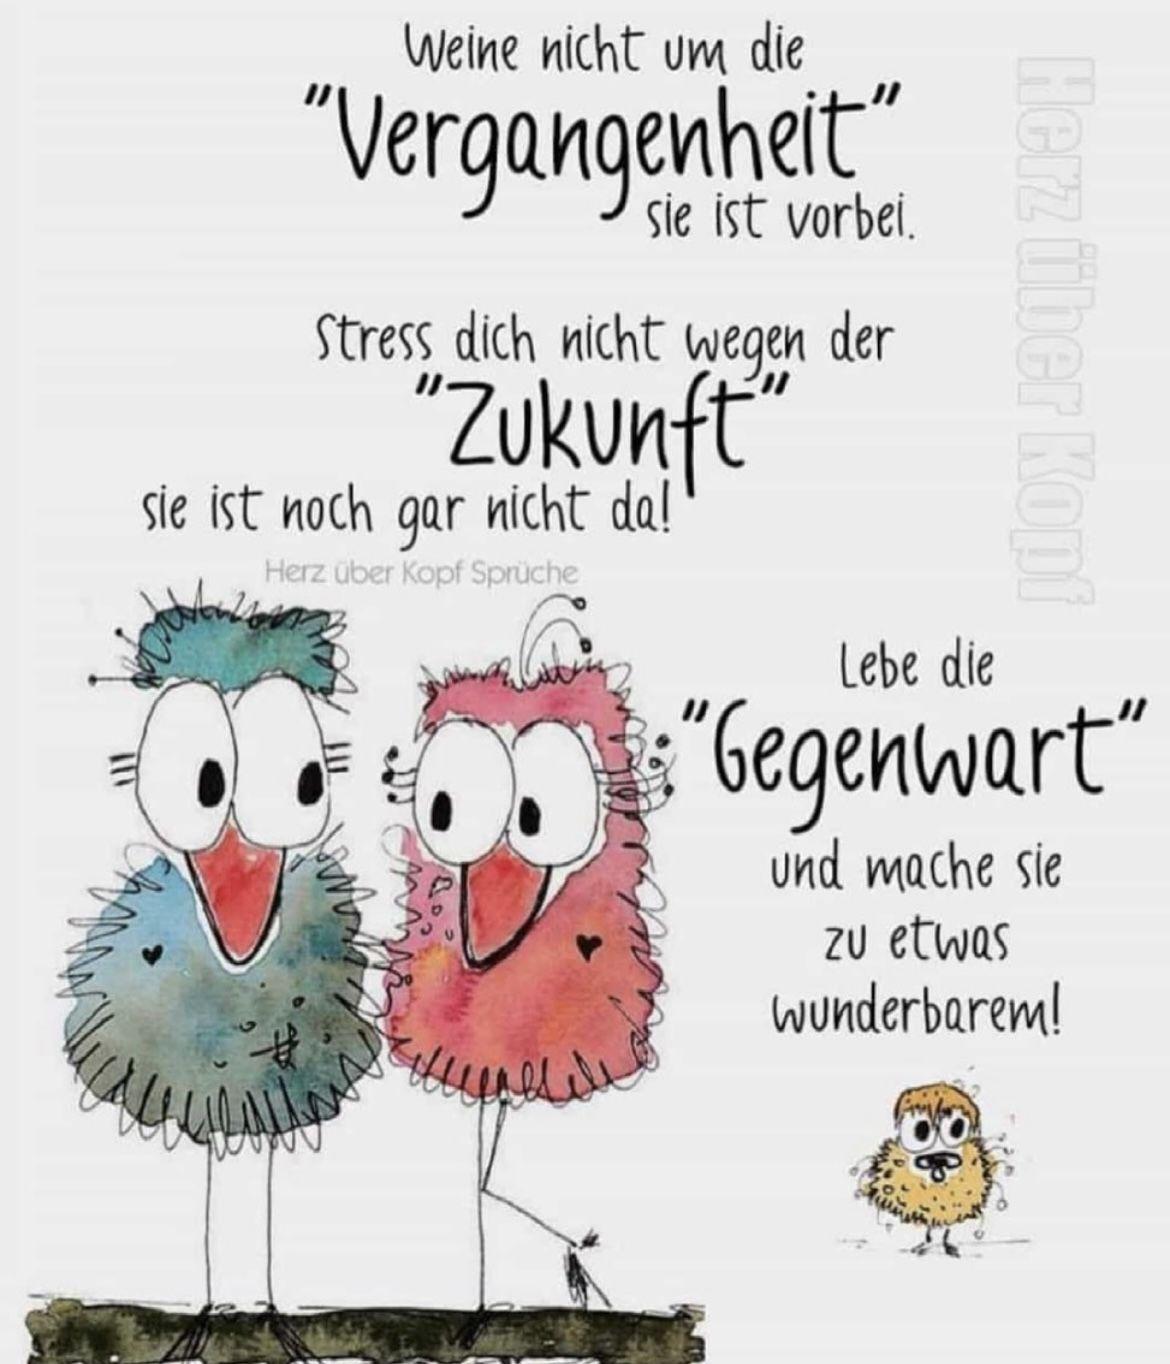 Pin auf Zitate, Sprüche, Gedanken, Reime in Deutsch